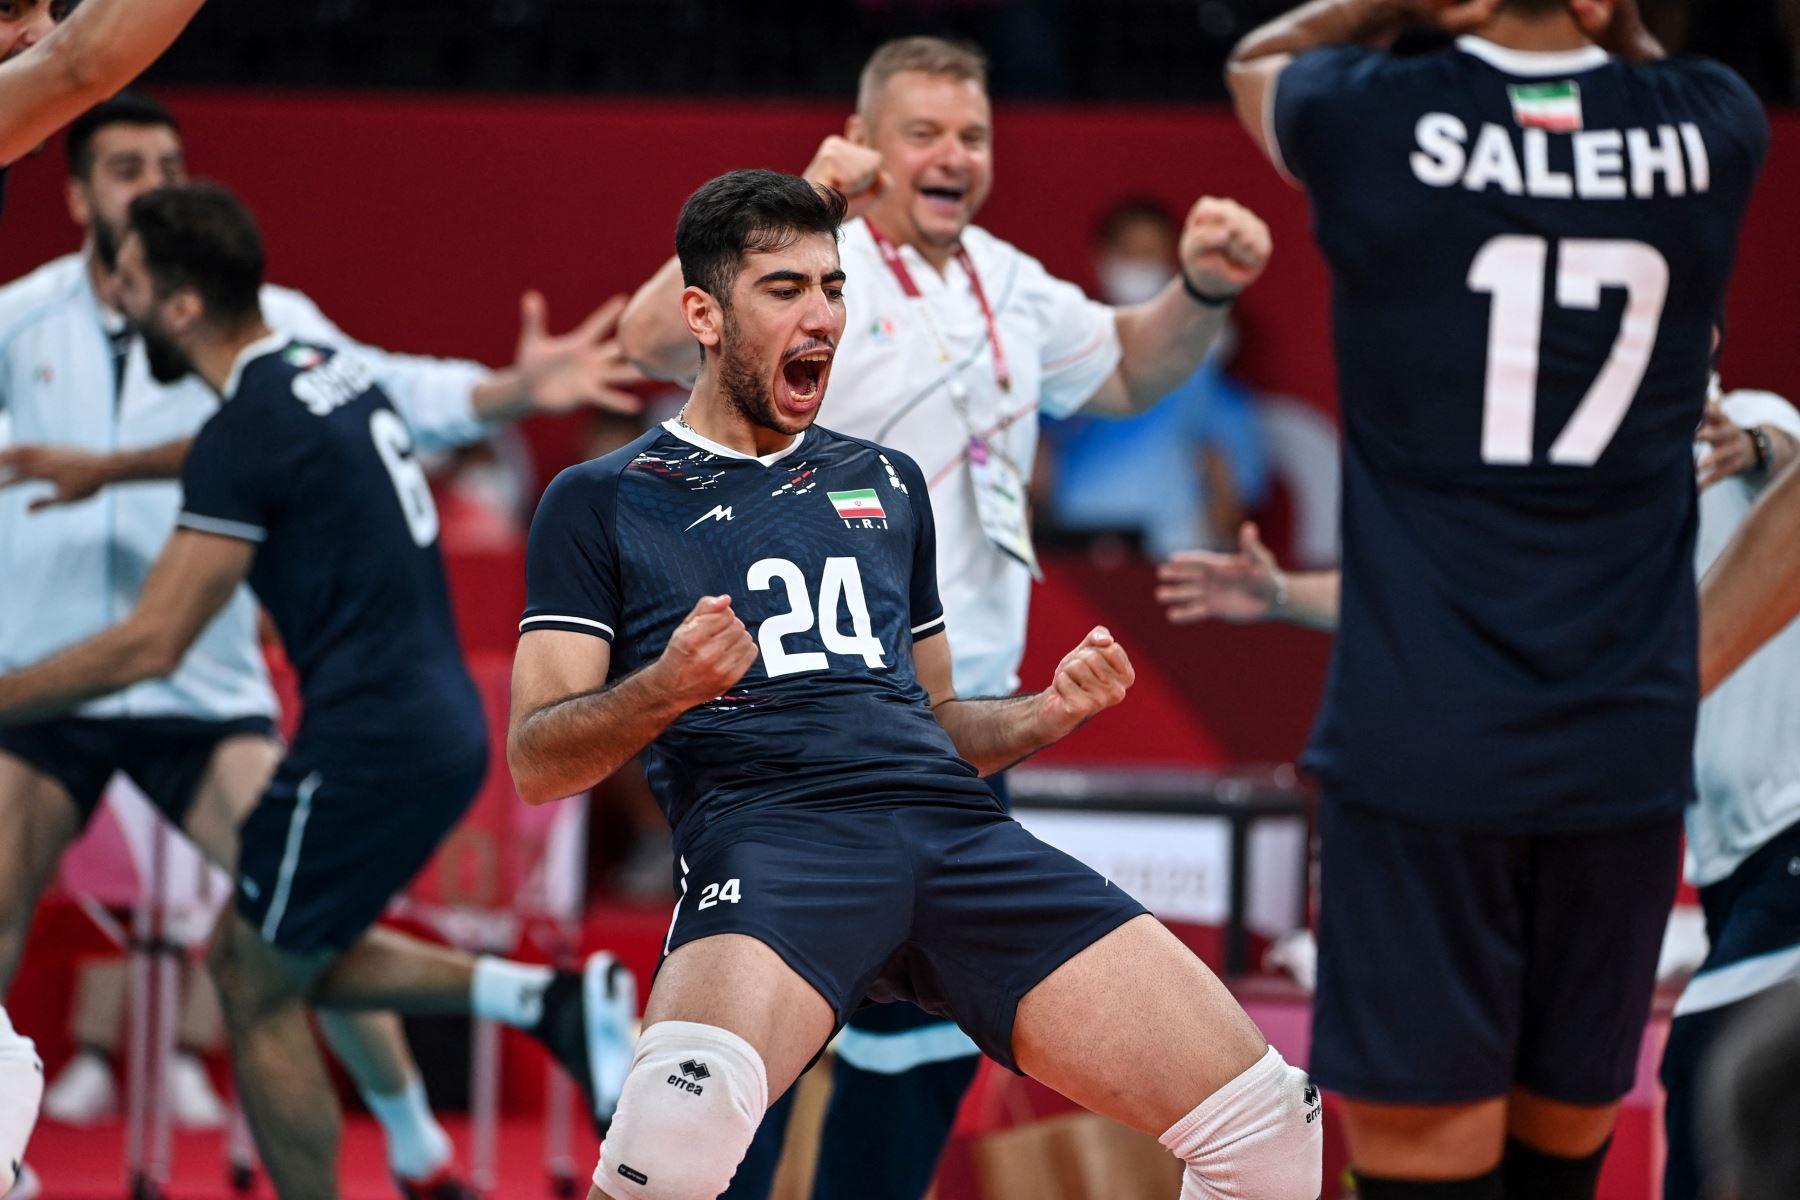 Los jugadores de Irán celebran su victoria en el partido de voleibol de la ronda preliminar masculina A entre Polonia e Irán durante los Juegos Olímpicos de Tokio 2020 en el Ariake Arena de Tokio. Foto: AFP